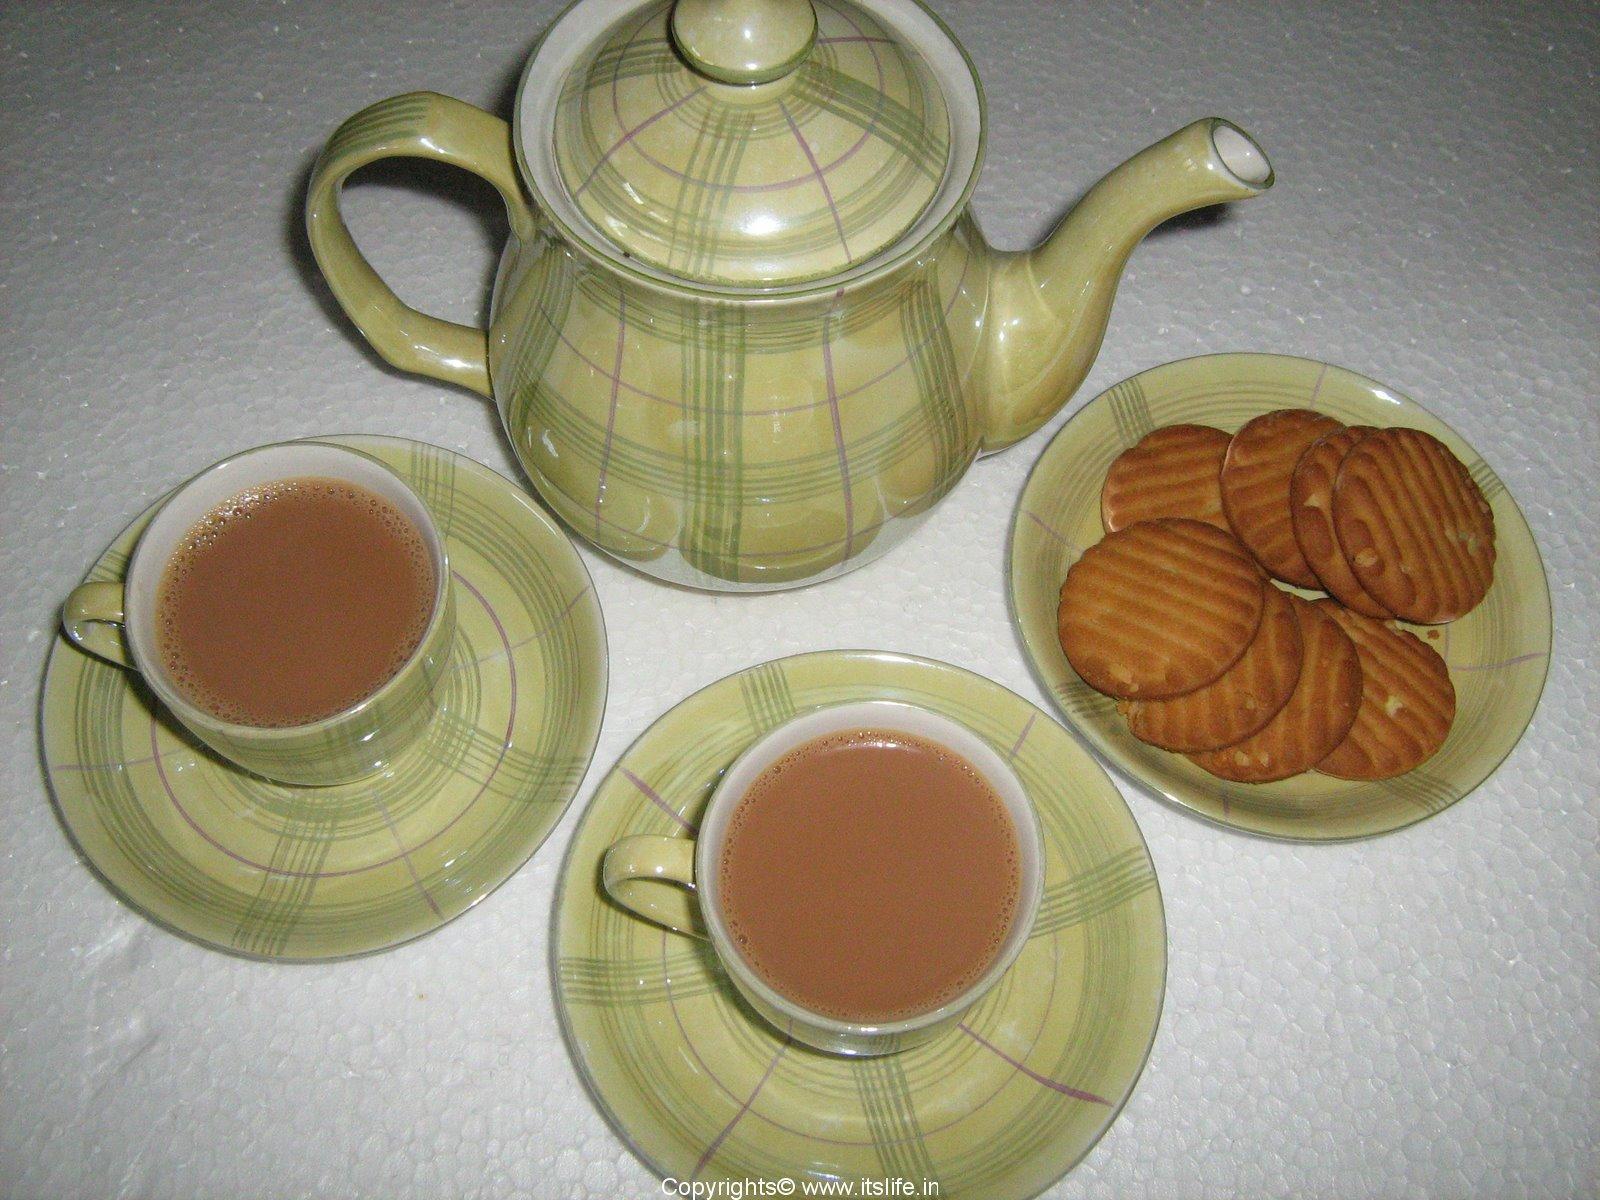 Masala çayı nasıl hazırlanmaktadır